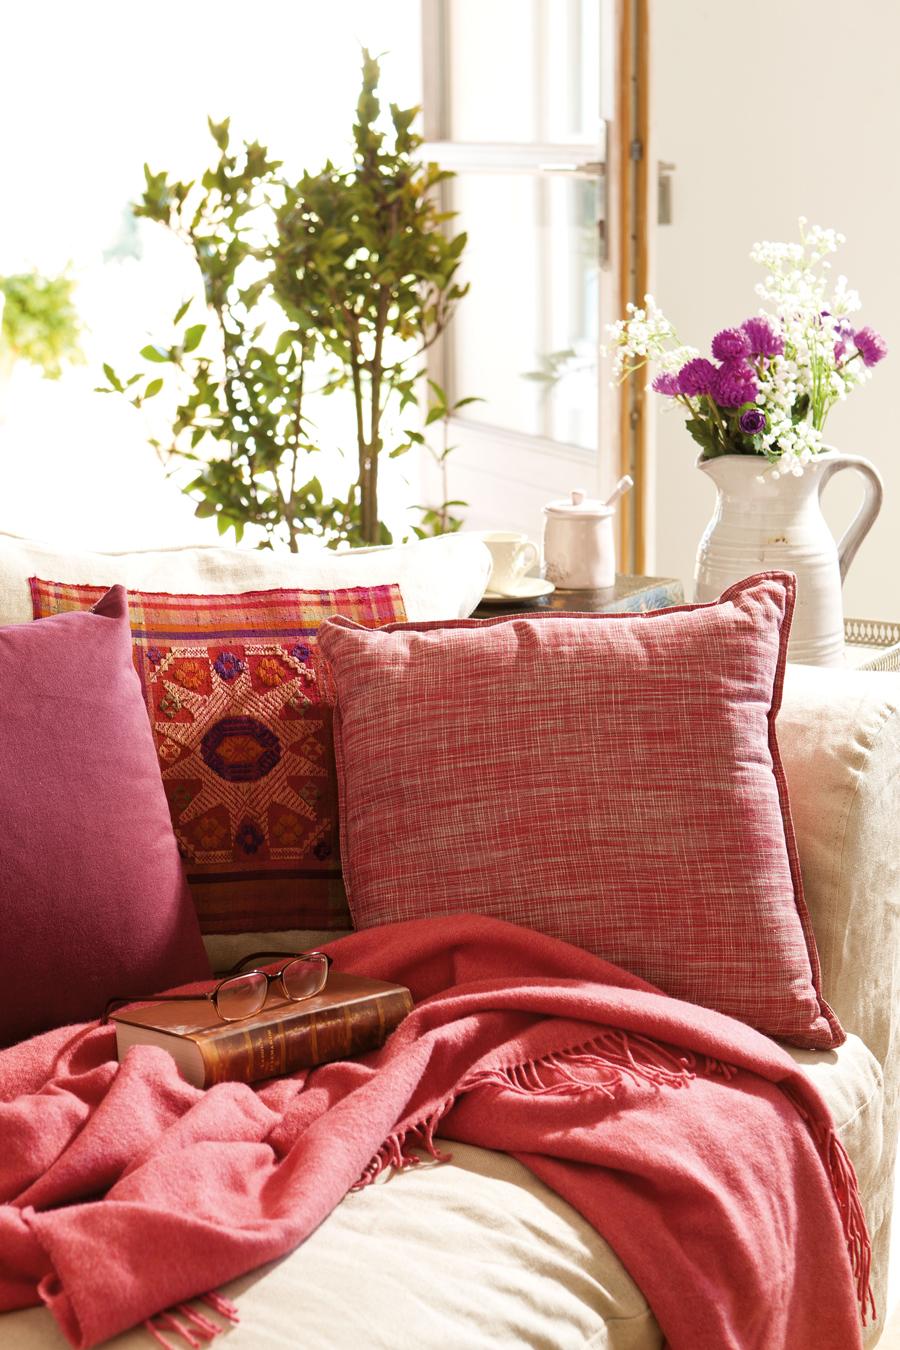 00340494. Cojines en rojo y fúcsia, y plaid rojo sobre sofá en crudo 00340494